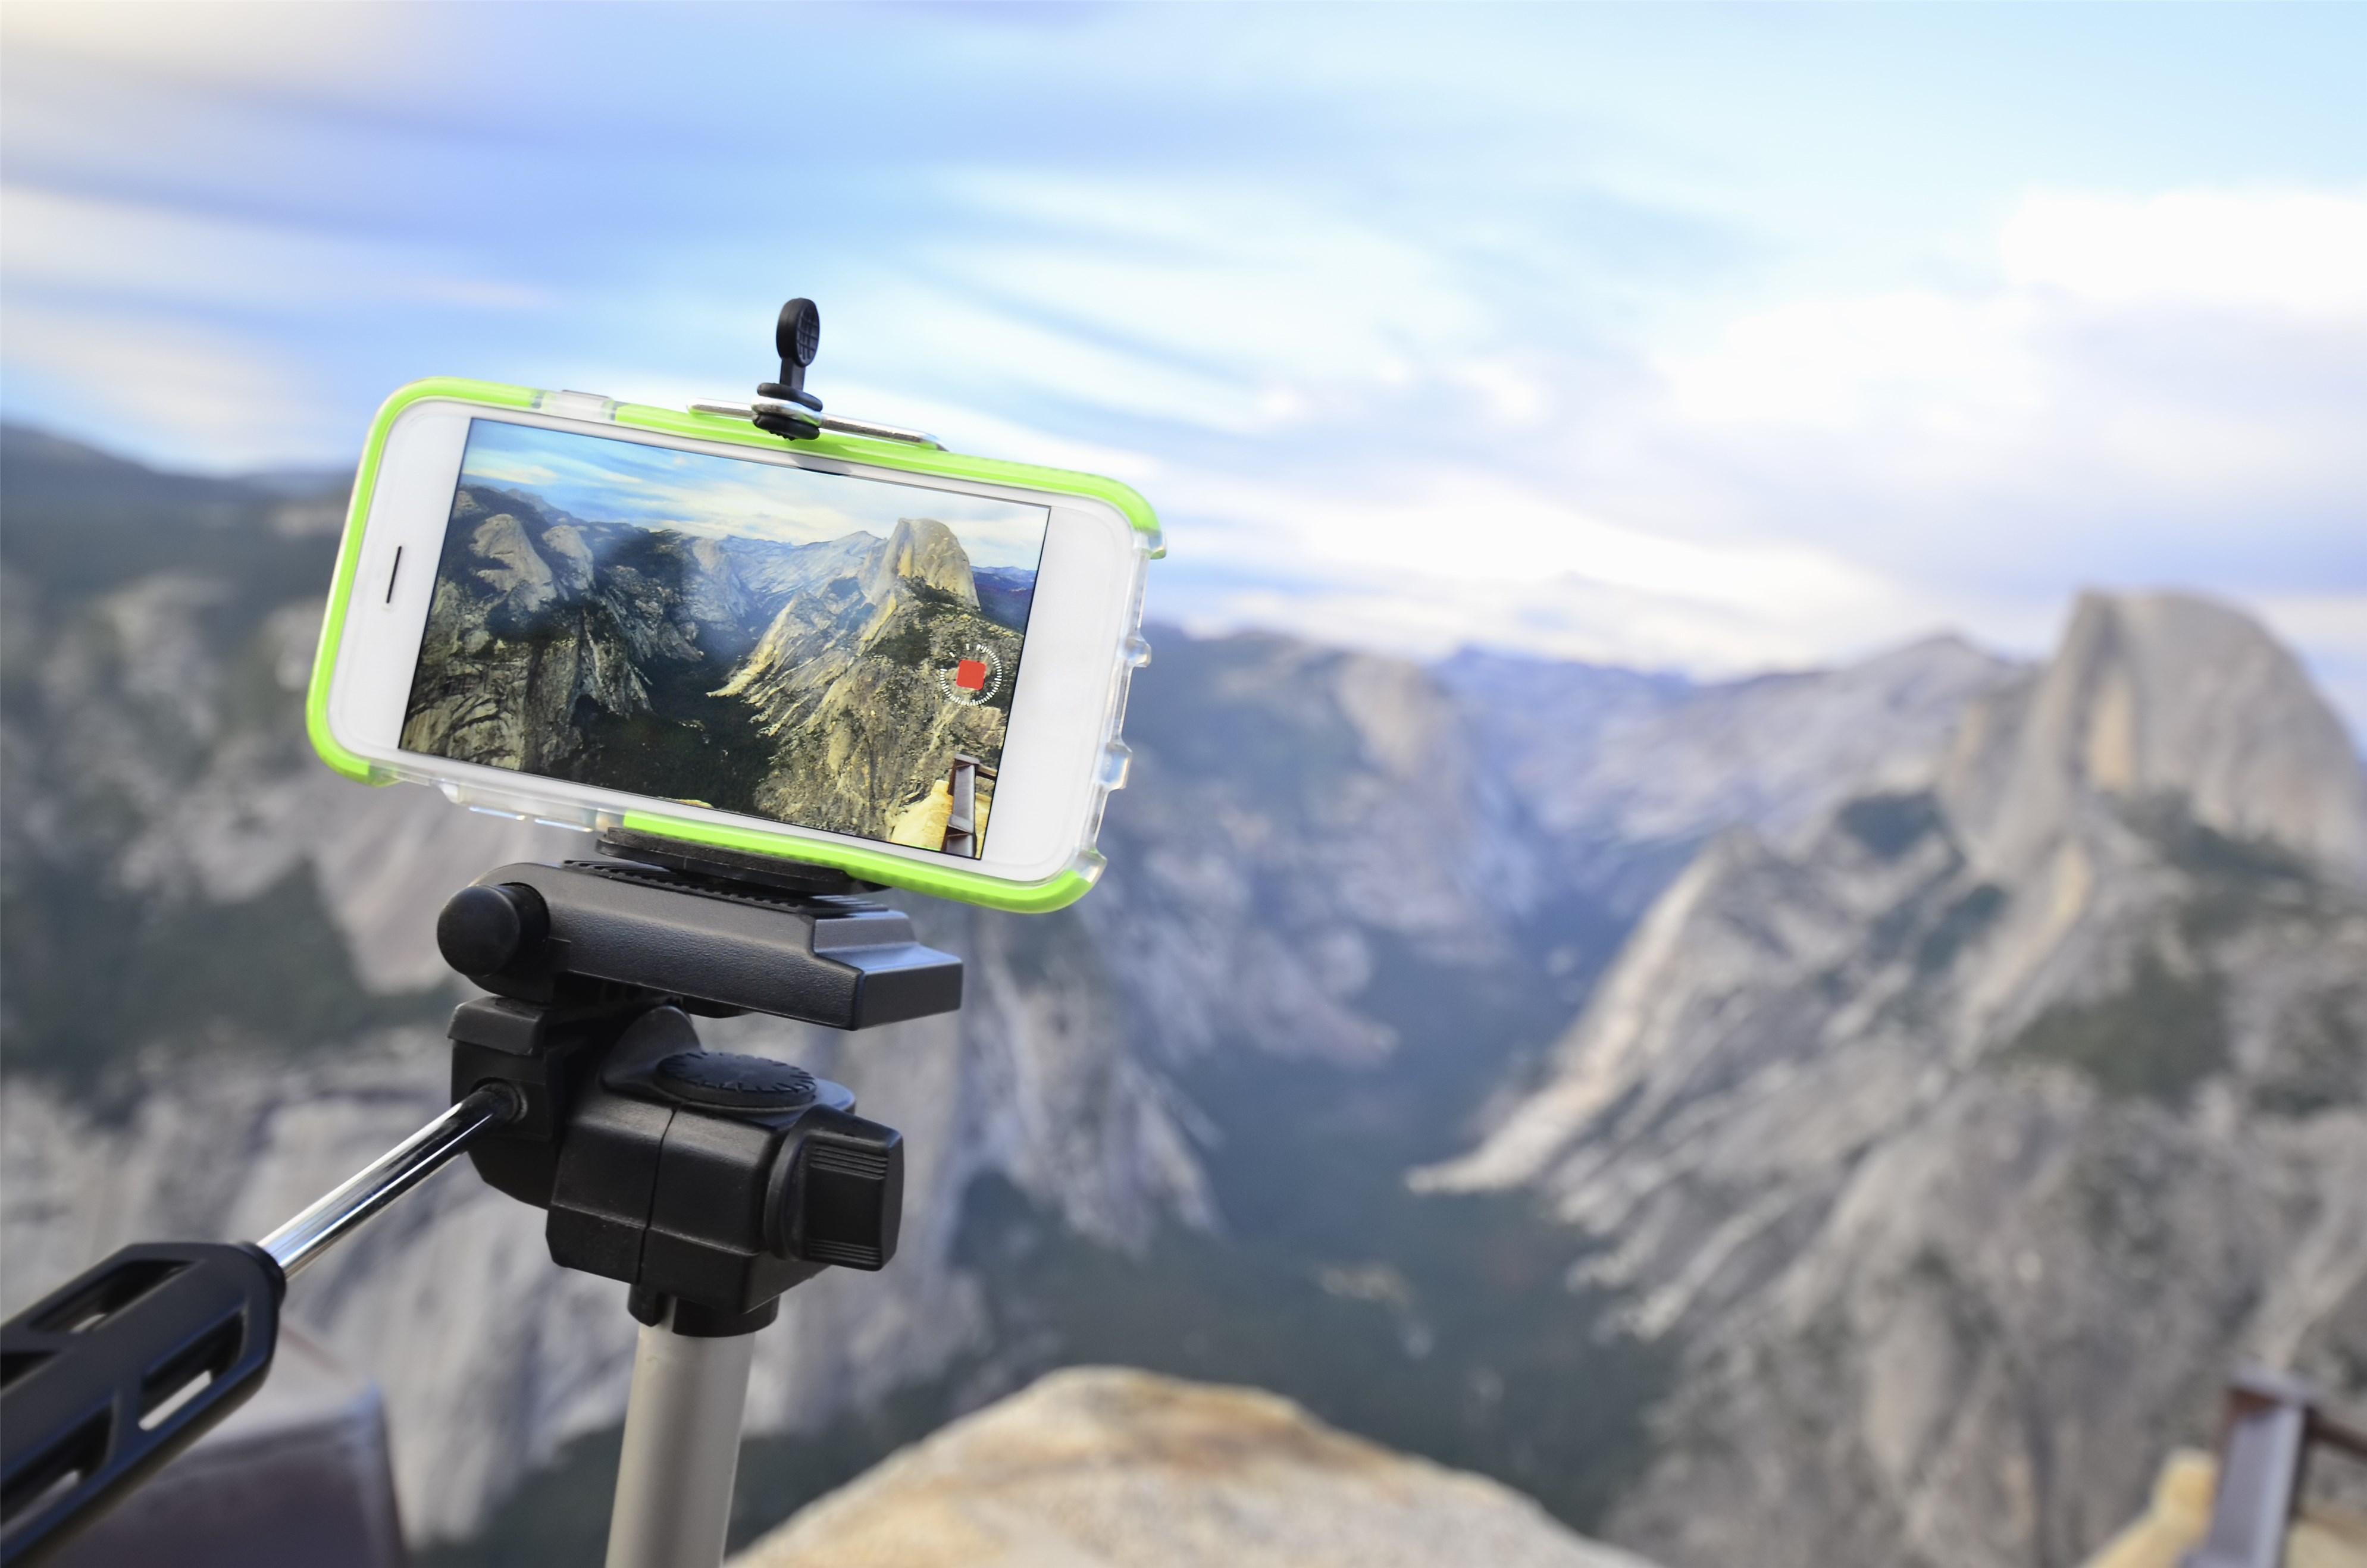 手机的拍照录像升级之路,早已不是营销在推动